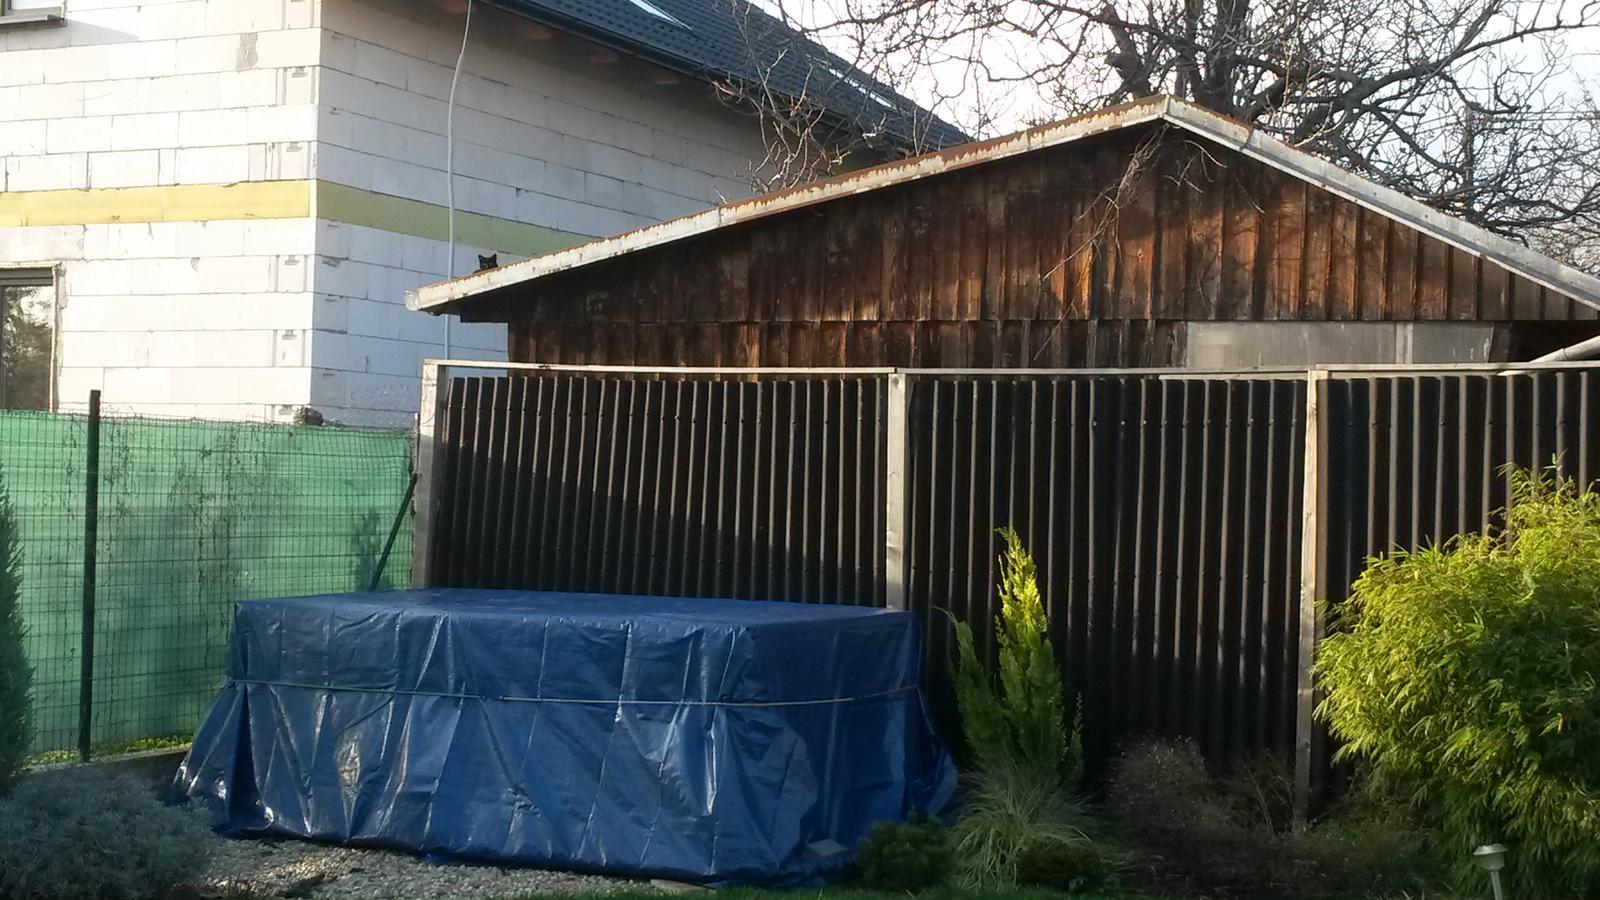 Záhradka - A pribudol mi aj maly bazenik. 3,4 m x 2,4 m, buduci rok pojde kusok do zeme + vymyslim nejaku drevenu obostavbu. Sa z neho tesim. :-)